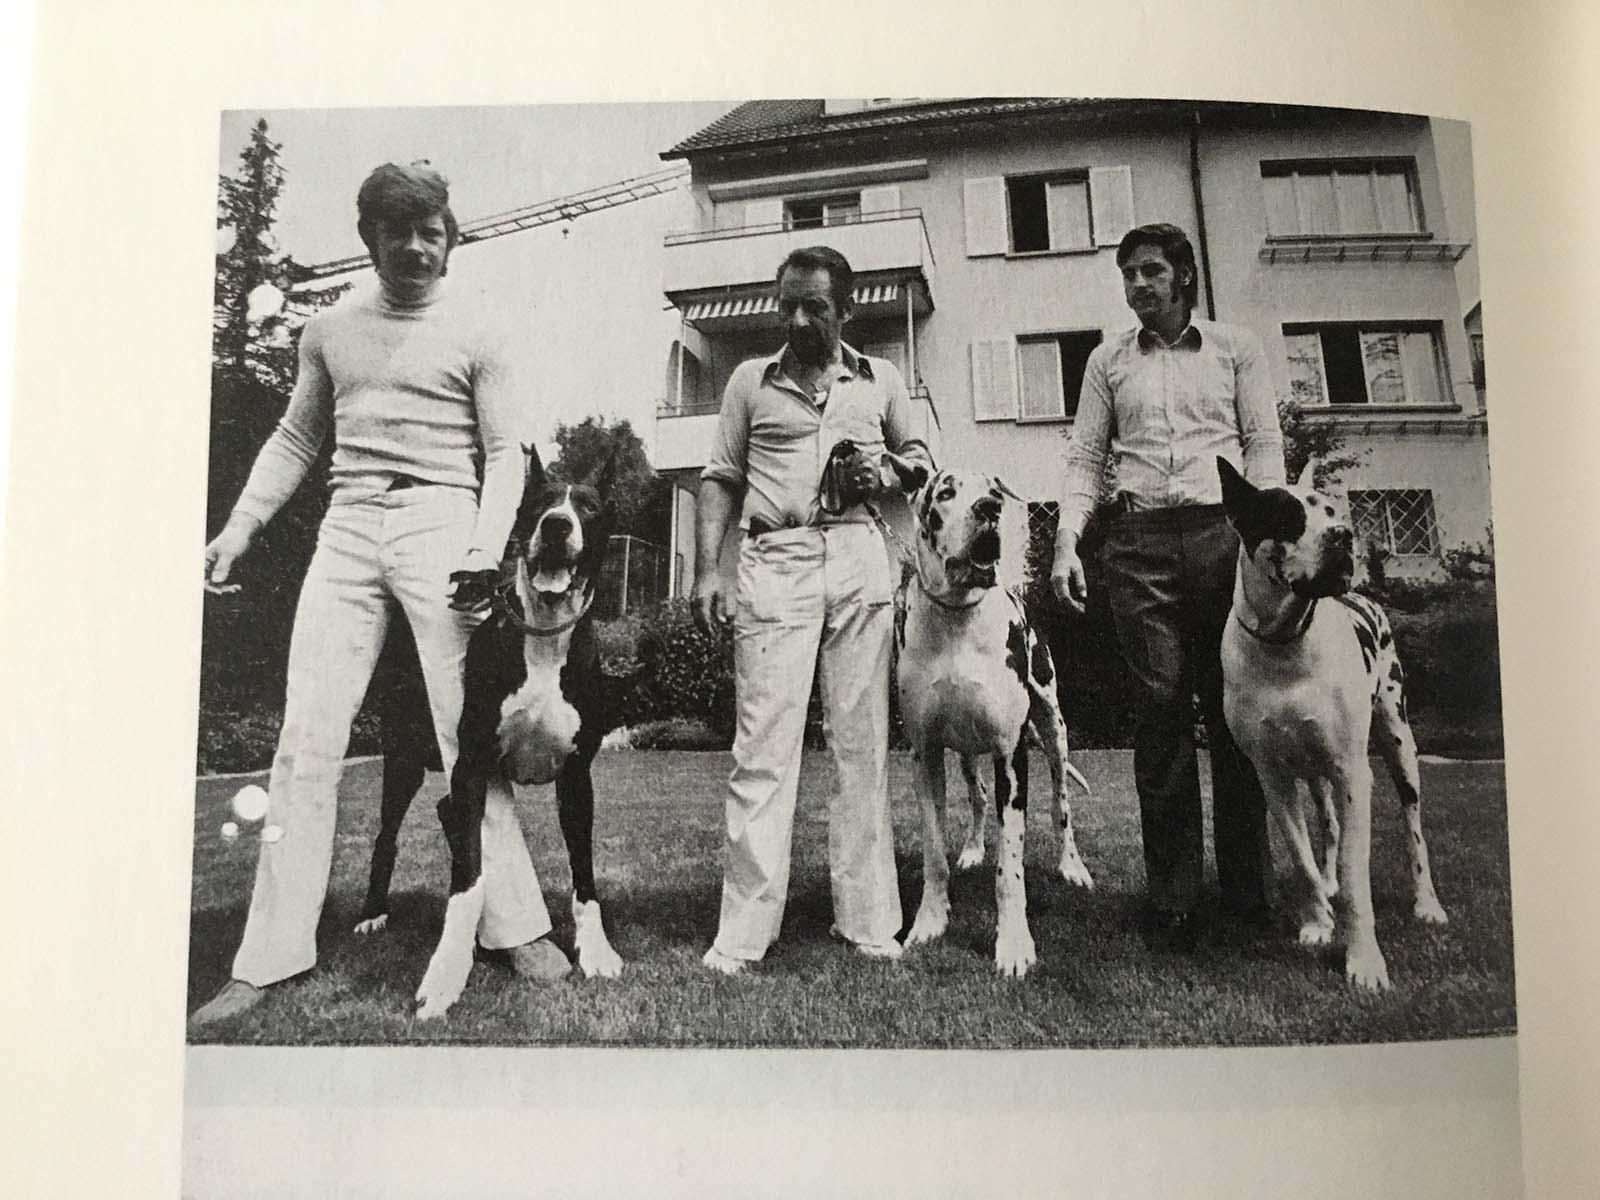 Lenzlinger und zwei Mitarbeiter präsentieren sich mit Doggen und Waffen vor dem Haus an der Ackersteinstrasse.